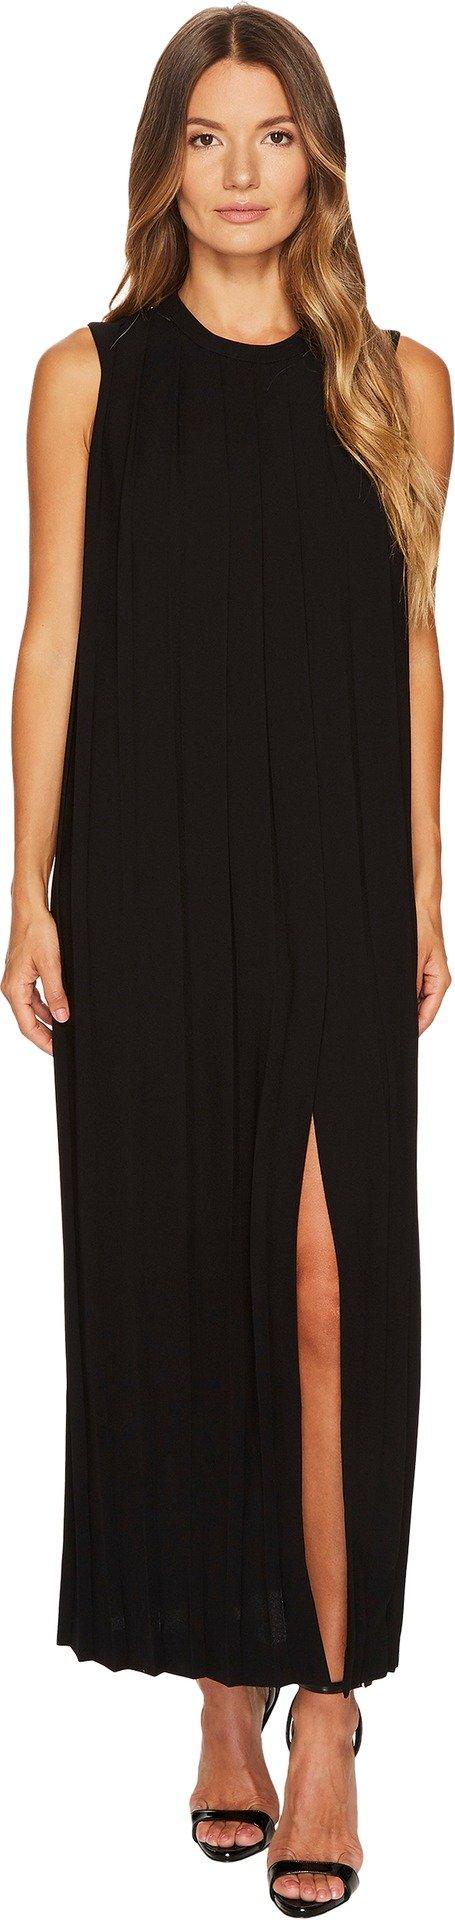 Neil Barrett Women's Sable' + Fine Gabardine Sleeveless Pleated Dress Black Dress